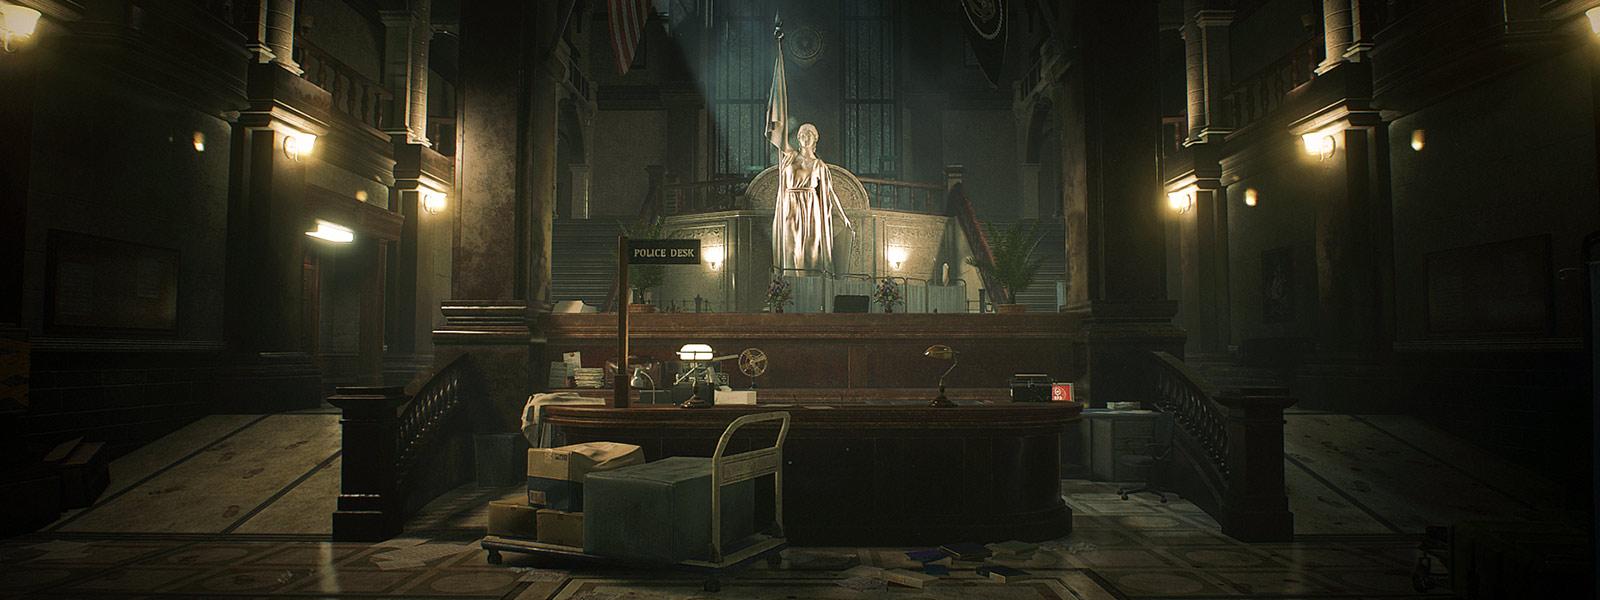 Vista de la recepción y estatua dentro de la comisaría de Raccoon City